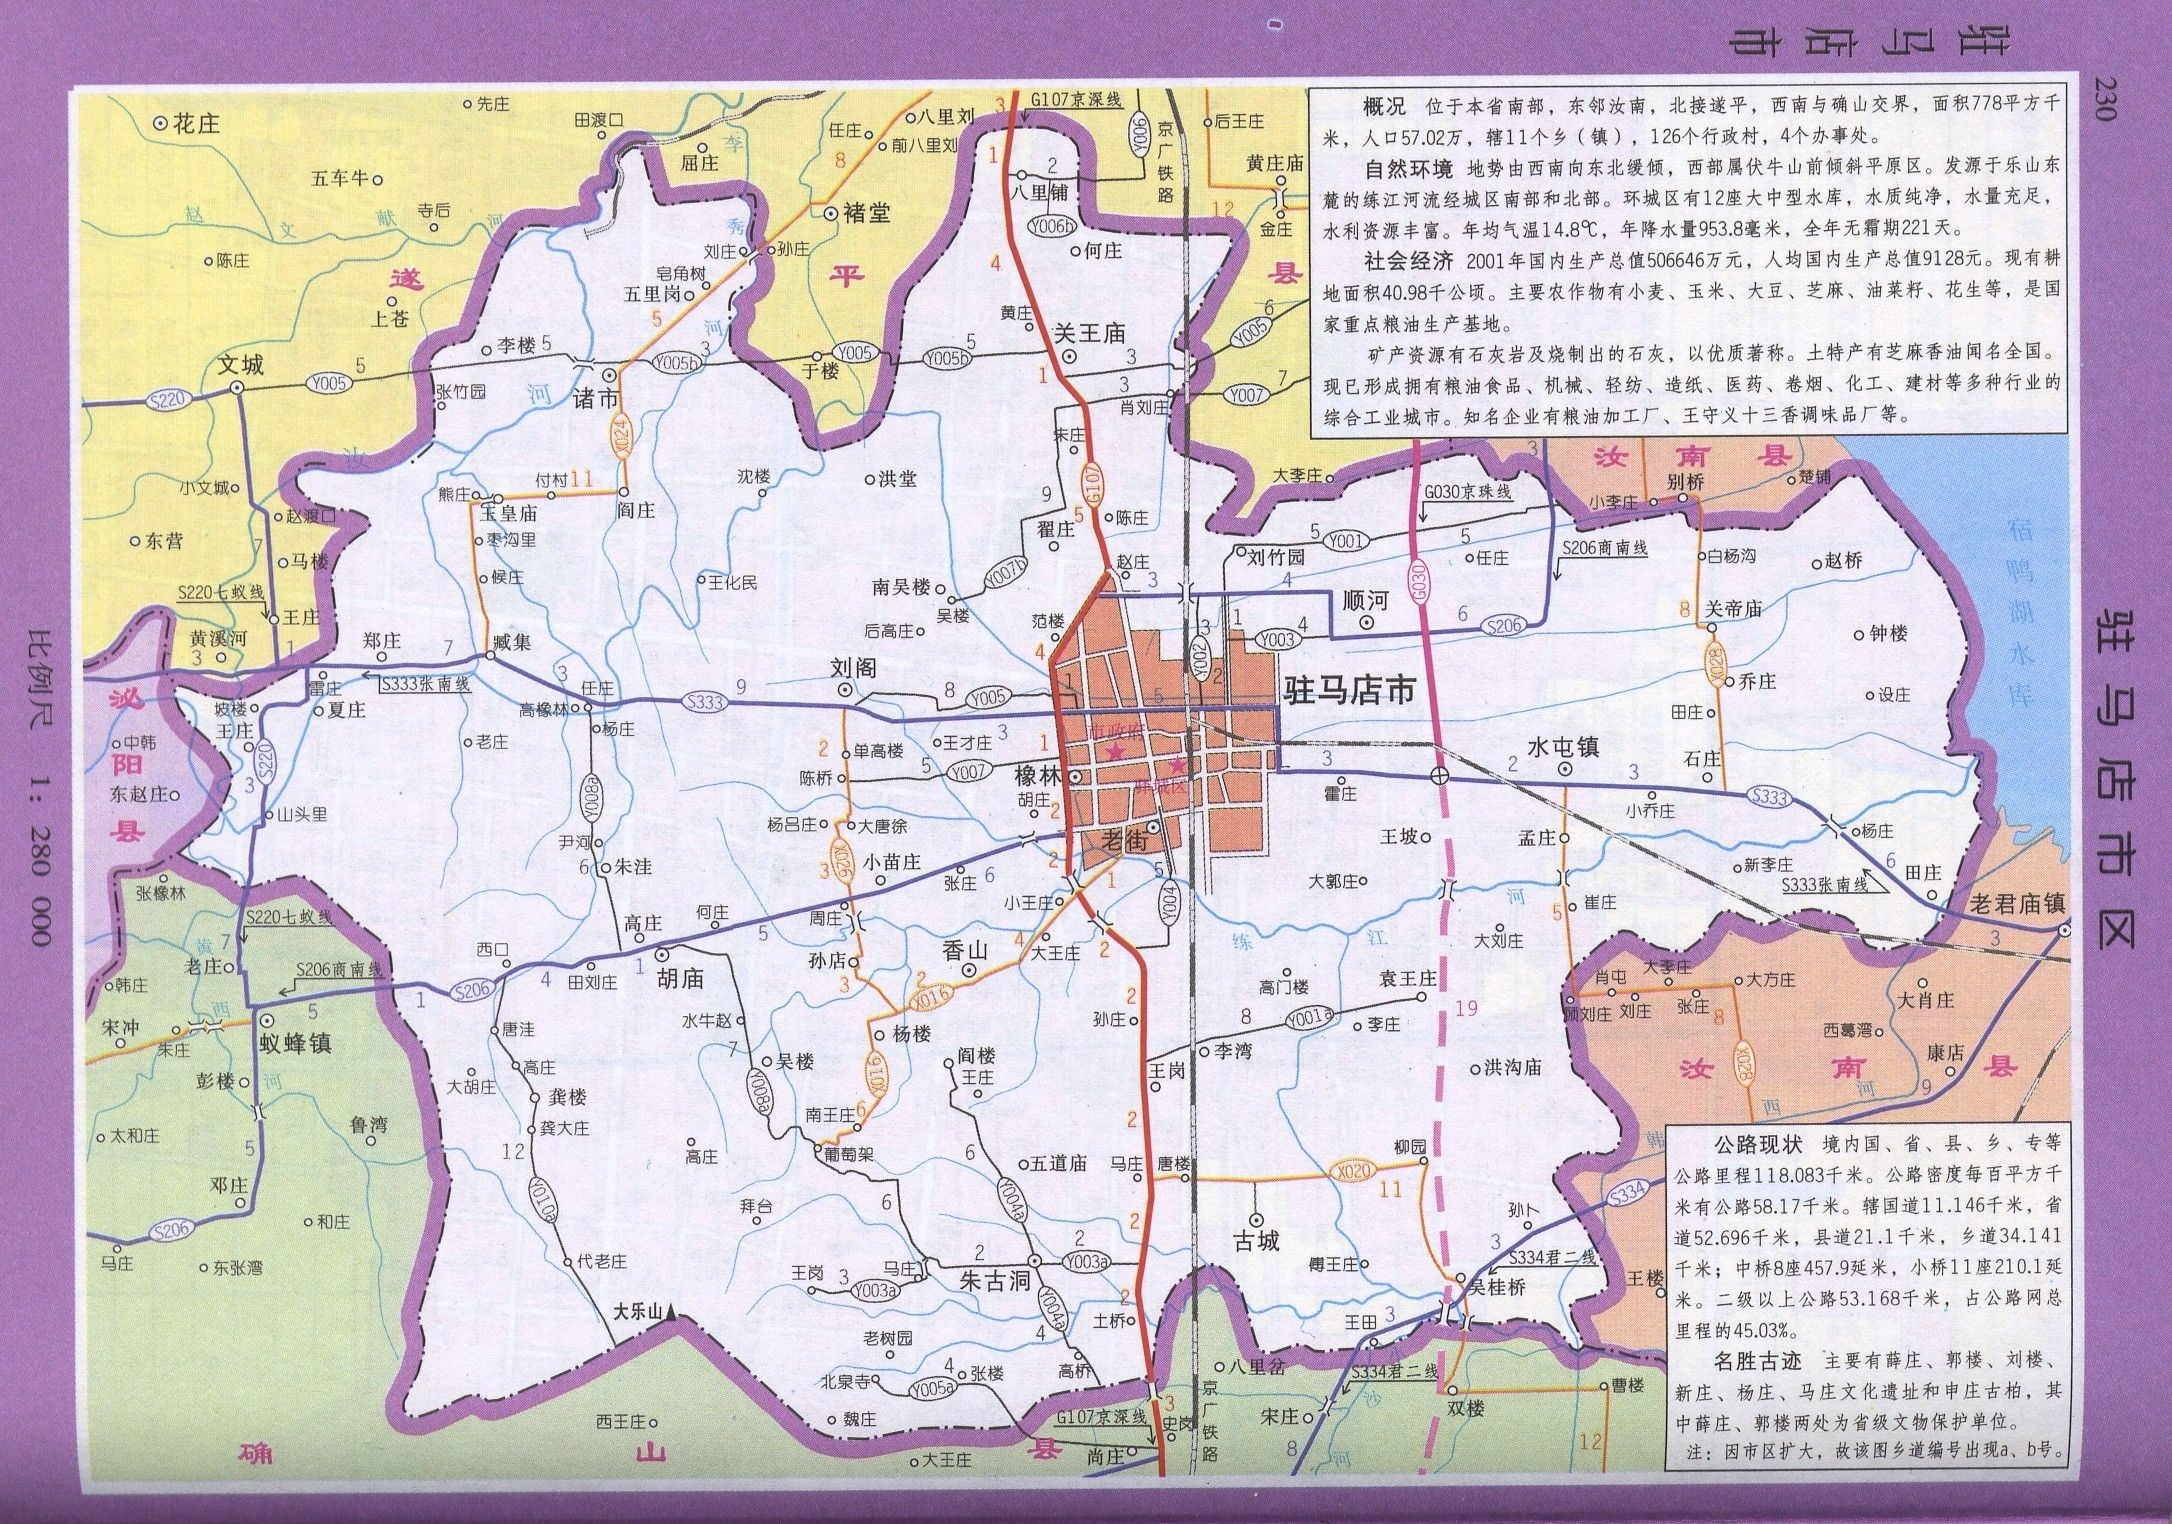 沿九点钟方向出县城约5km到达索店村,道路在此分为向西去九点钟的X007和十点钟方向的X009。沿X007西去20km左右到达嵖岈山风景区正门(南门)。由嵖岈山沿X022向北约9km,可到达下宋水库(请注意,非夏宋)。X009由索店村出发约13km到达玉山镇,继续西行6.3km与前面提到的X022在下宋水库相交。以前听遂平朋友提到过由此路口向北没多远可到龙天沟风景区,还没去过,遗憾。由此路口西行爬个小坡就看见下宋水库了。下宋水库以及其西部的山脉山水交融,相得益彰。继续向西慢慢就进入了山区,此条路线会穿越